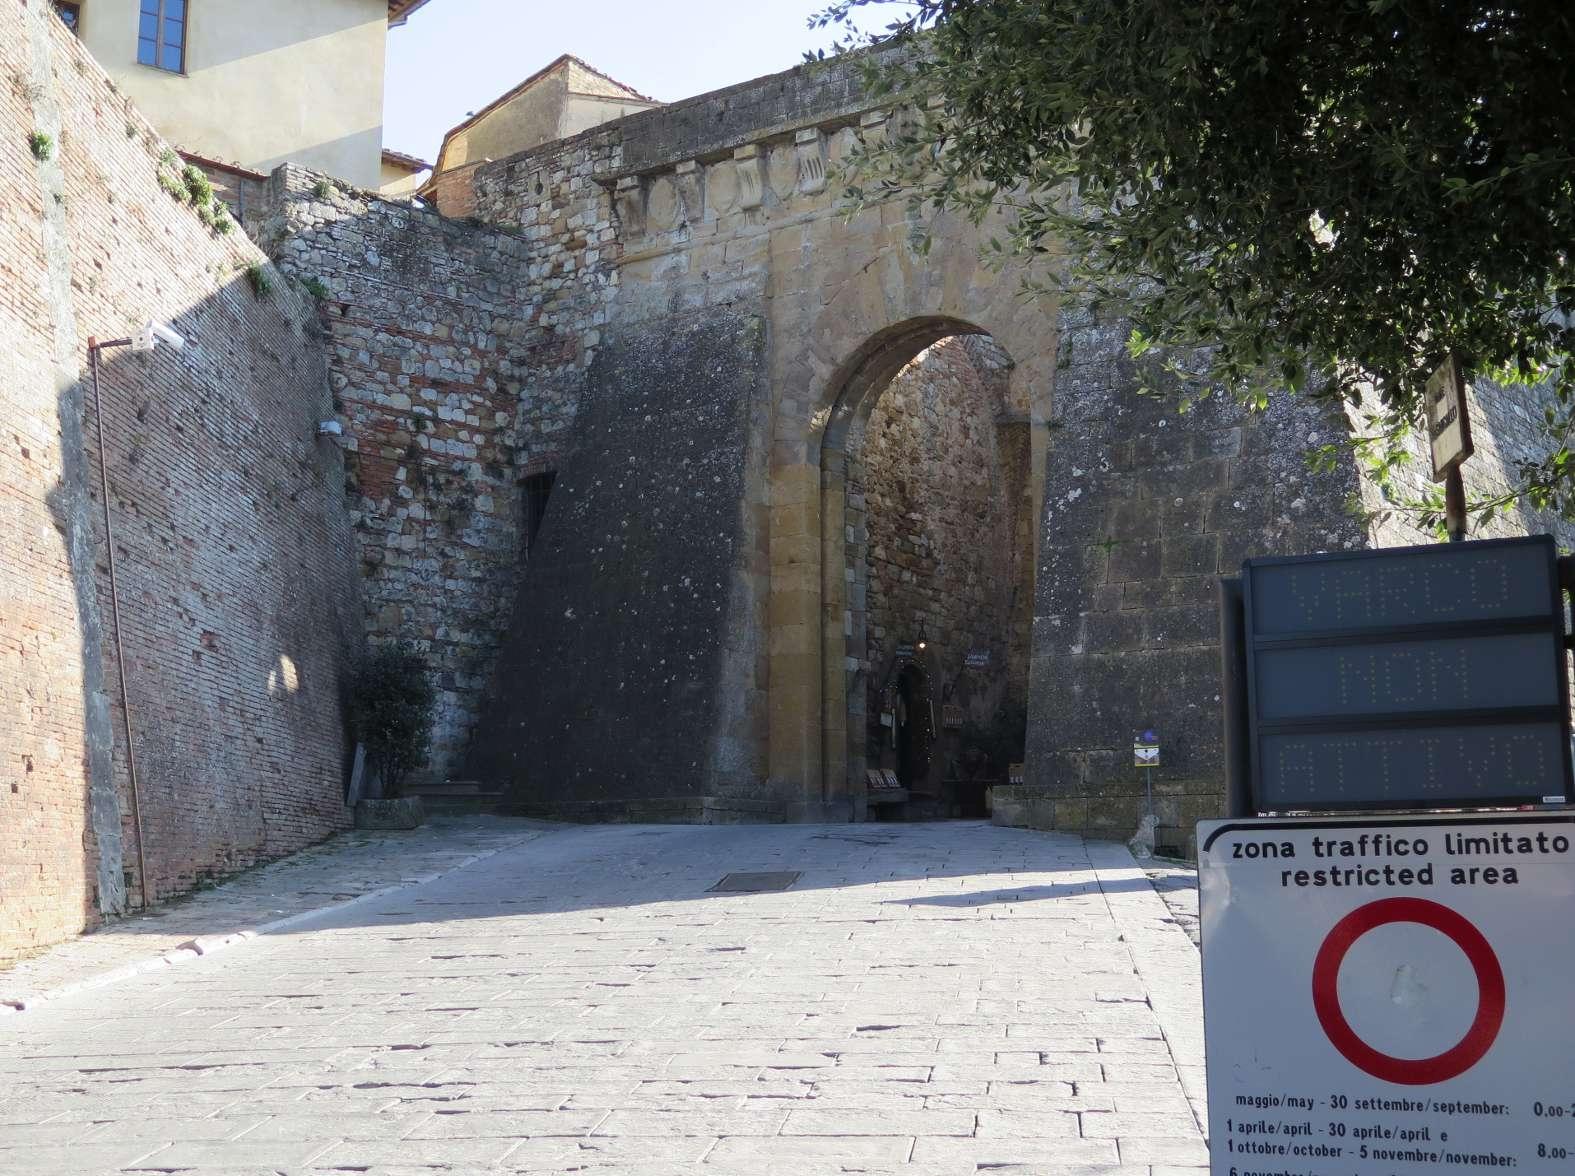 Montepulciano, in corso l'installazione delle nuove telecamere per la ZTL